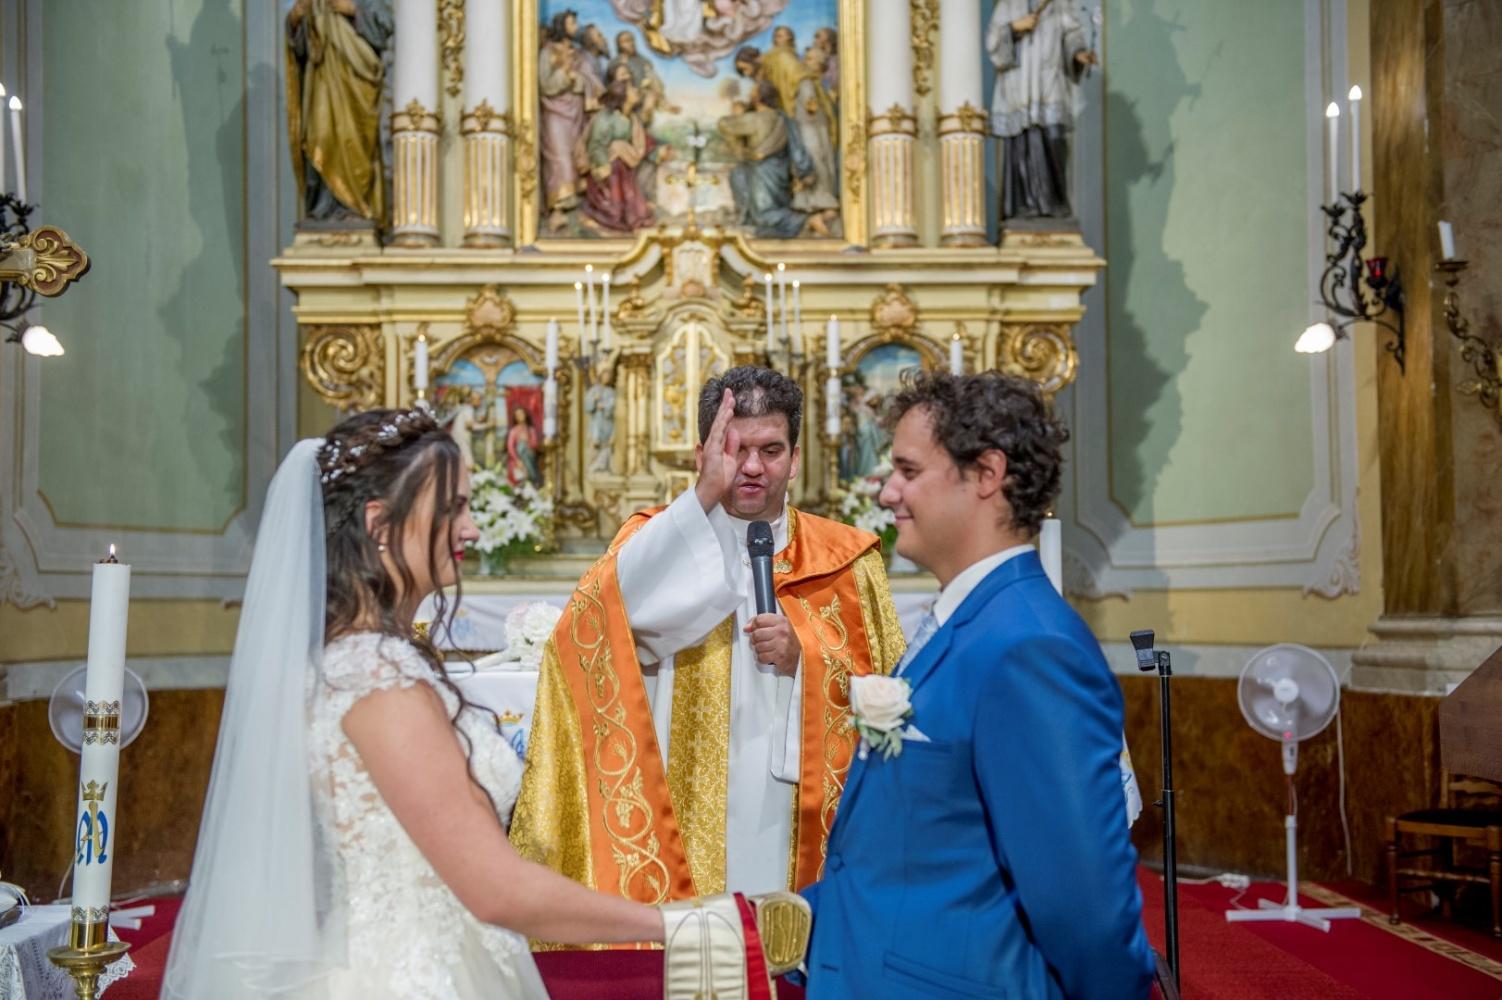 http://www.fotoz.sk/images/gallery-31/normal/eskuvo_dunaharaszti-rendezvenyhaz_263.jpg